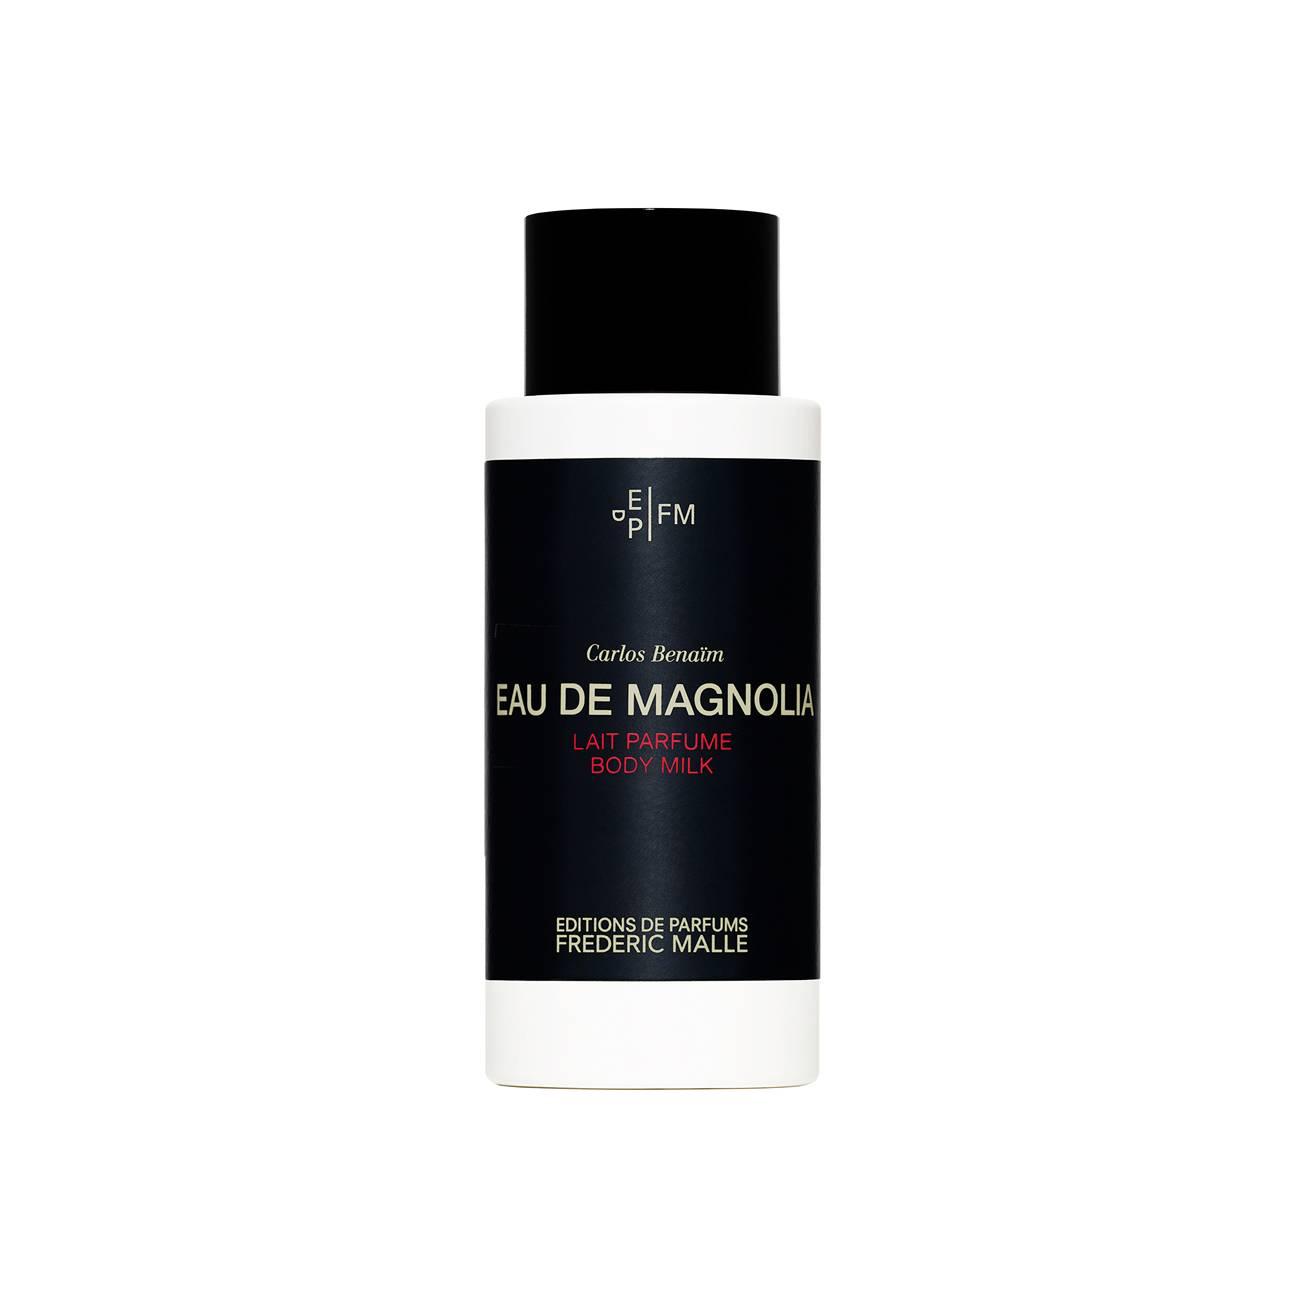 EAU DE MAGNOLIA BODY MILK 200ML 200 ML